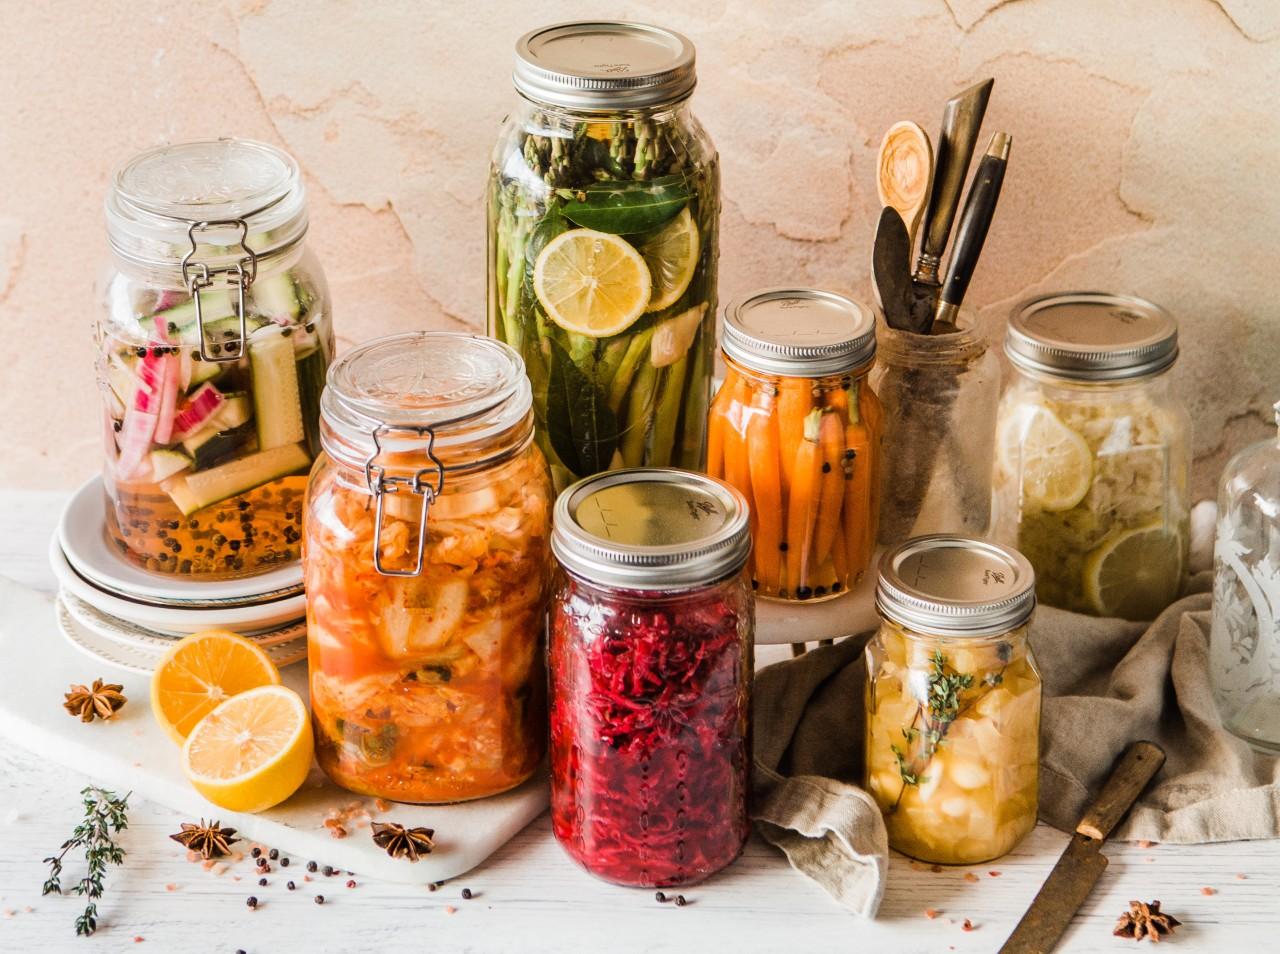 5 deliciosos alimentos fermentados que fortalecen tu sistema inmune